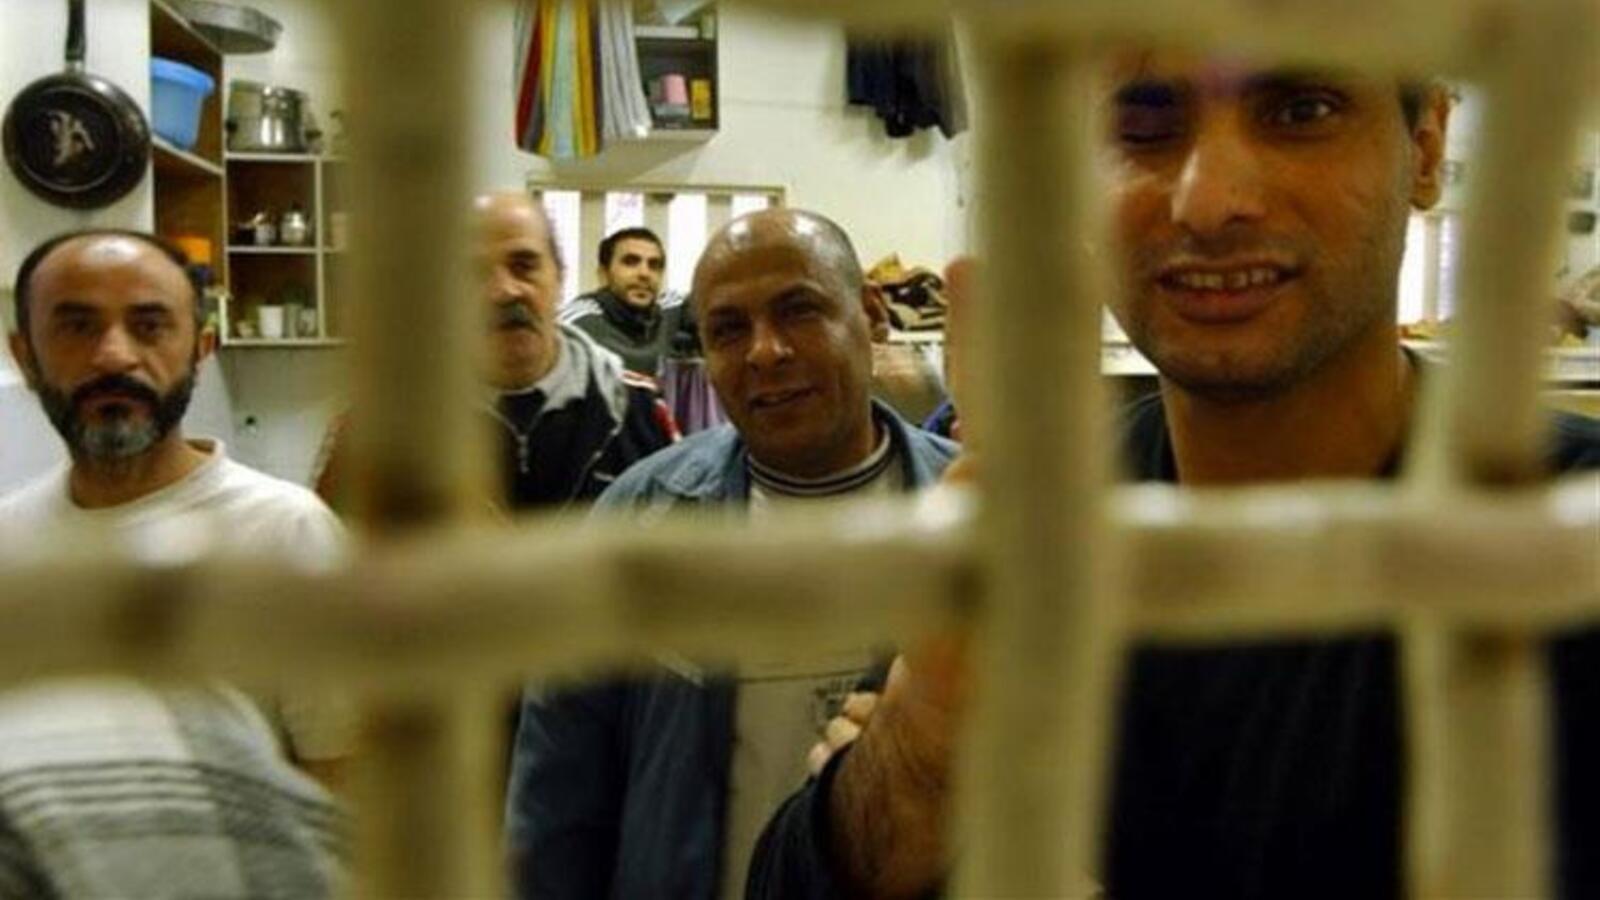 هيئة الأسرى الفلسطينيين: نؤكد عدم وجود إصابات بـفيروس كورونا